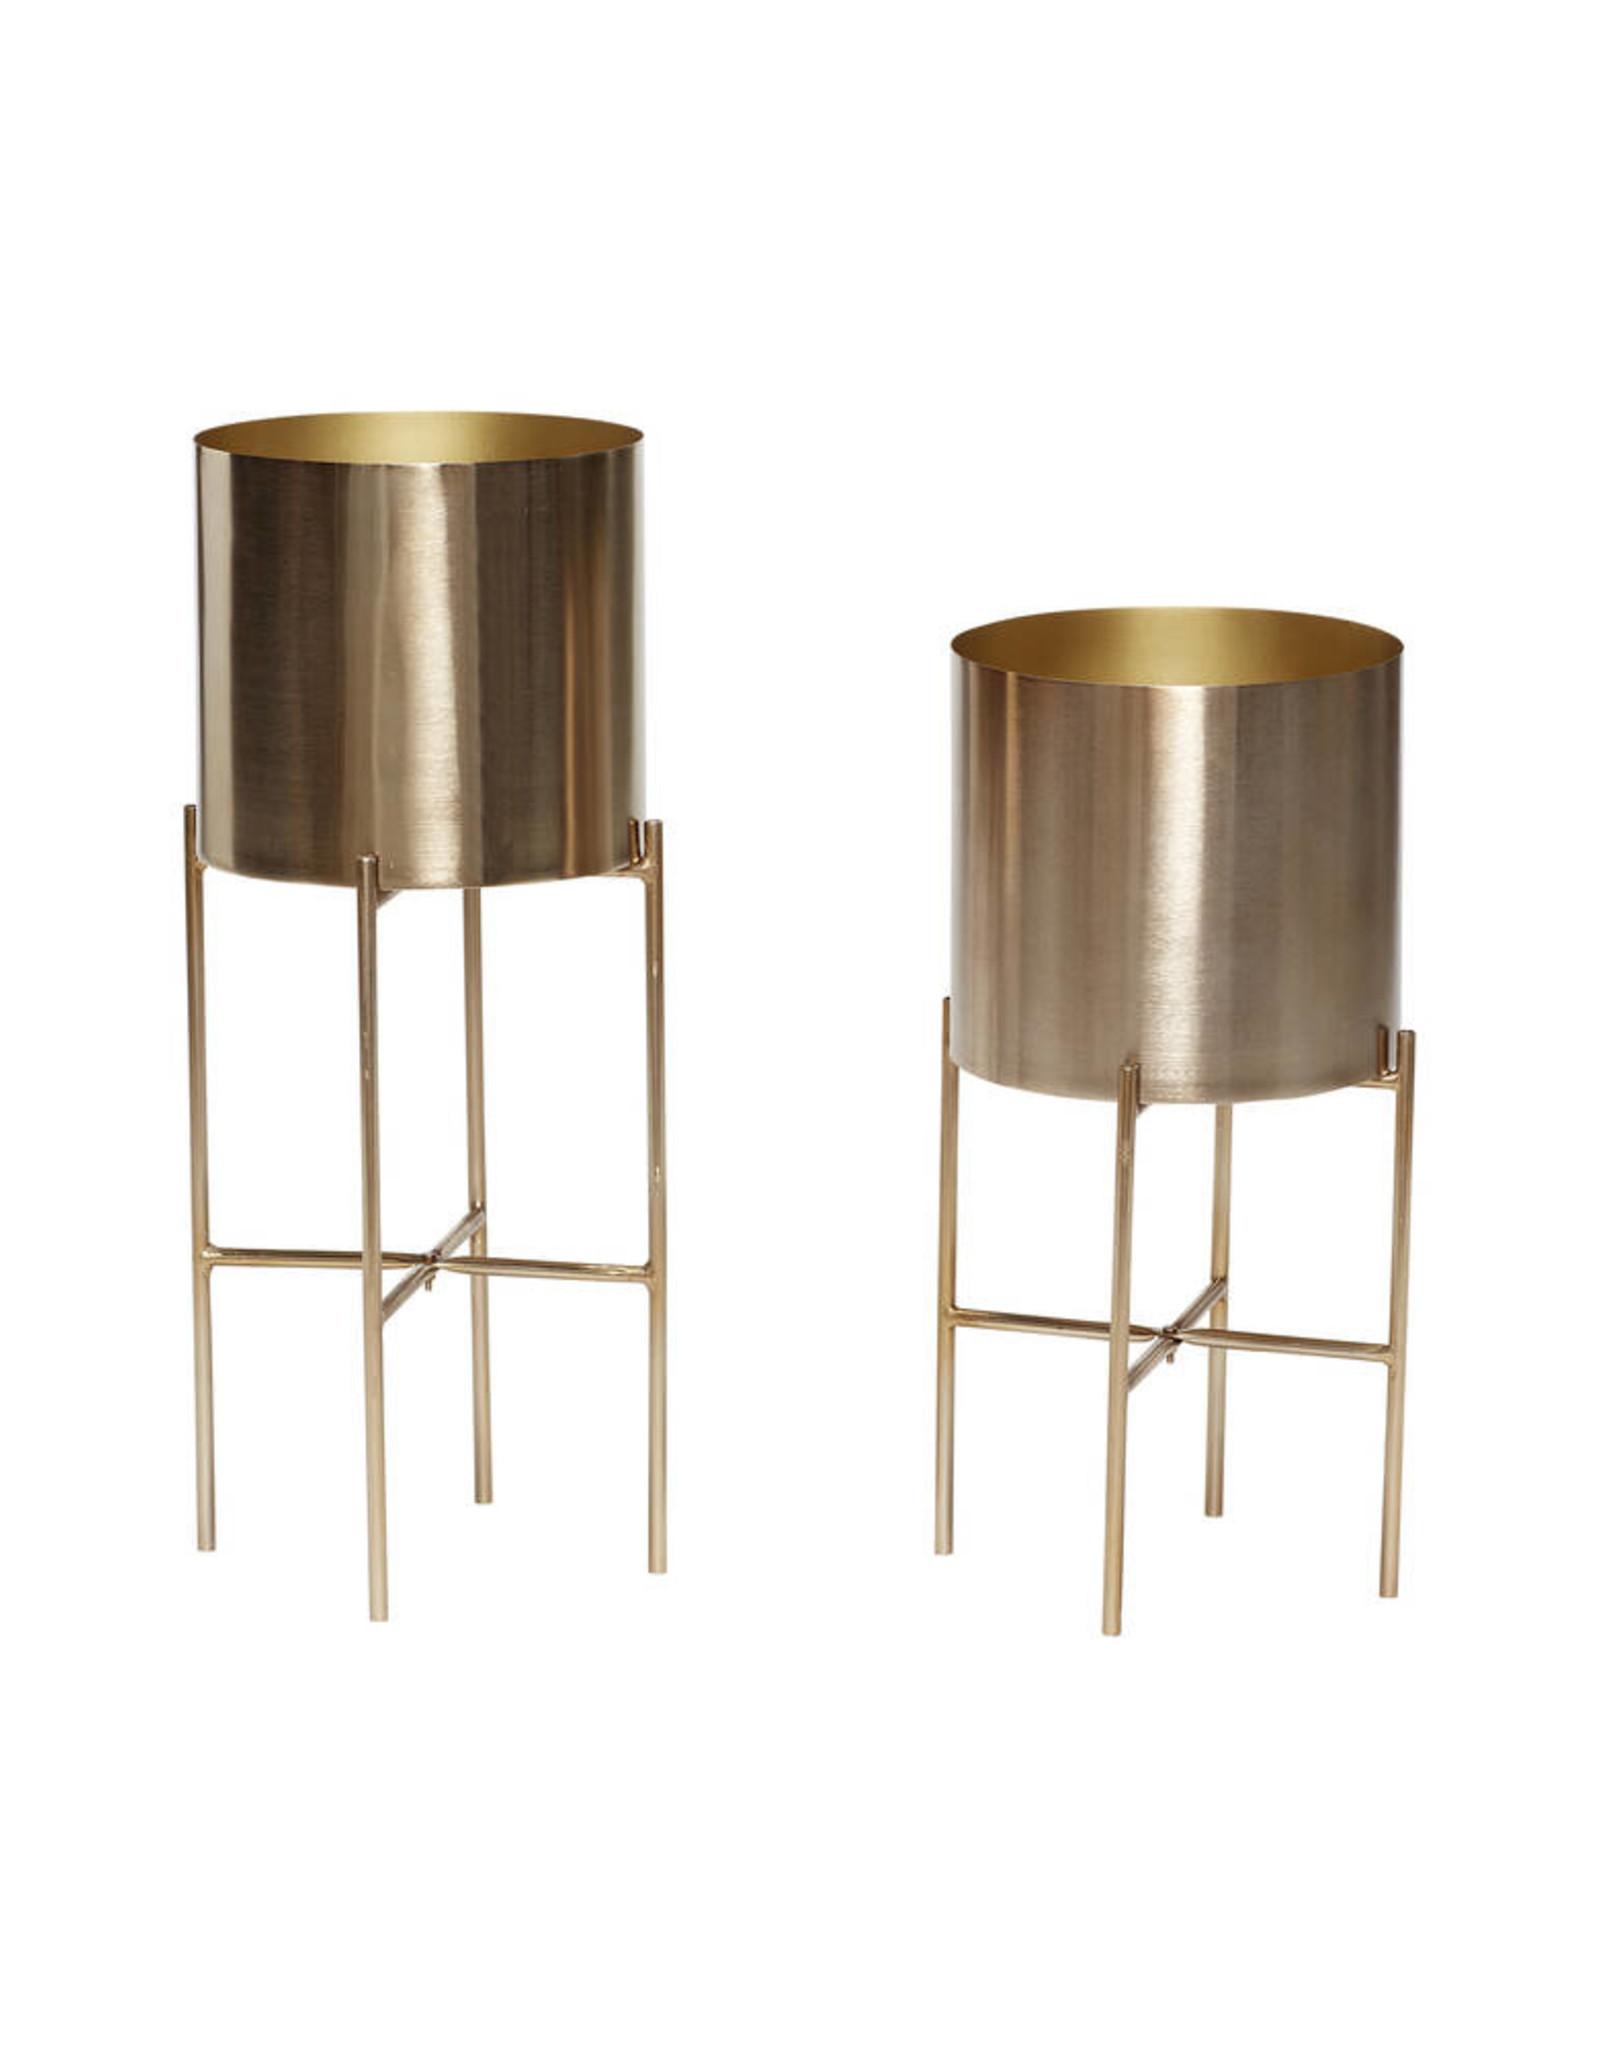 Hübsch Golden Pot w/ legs Ø23 h45